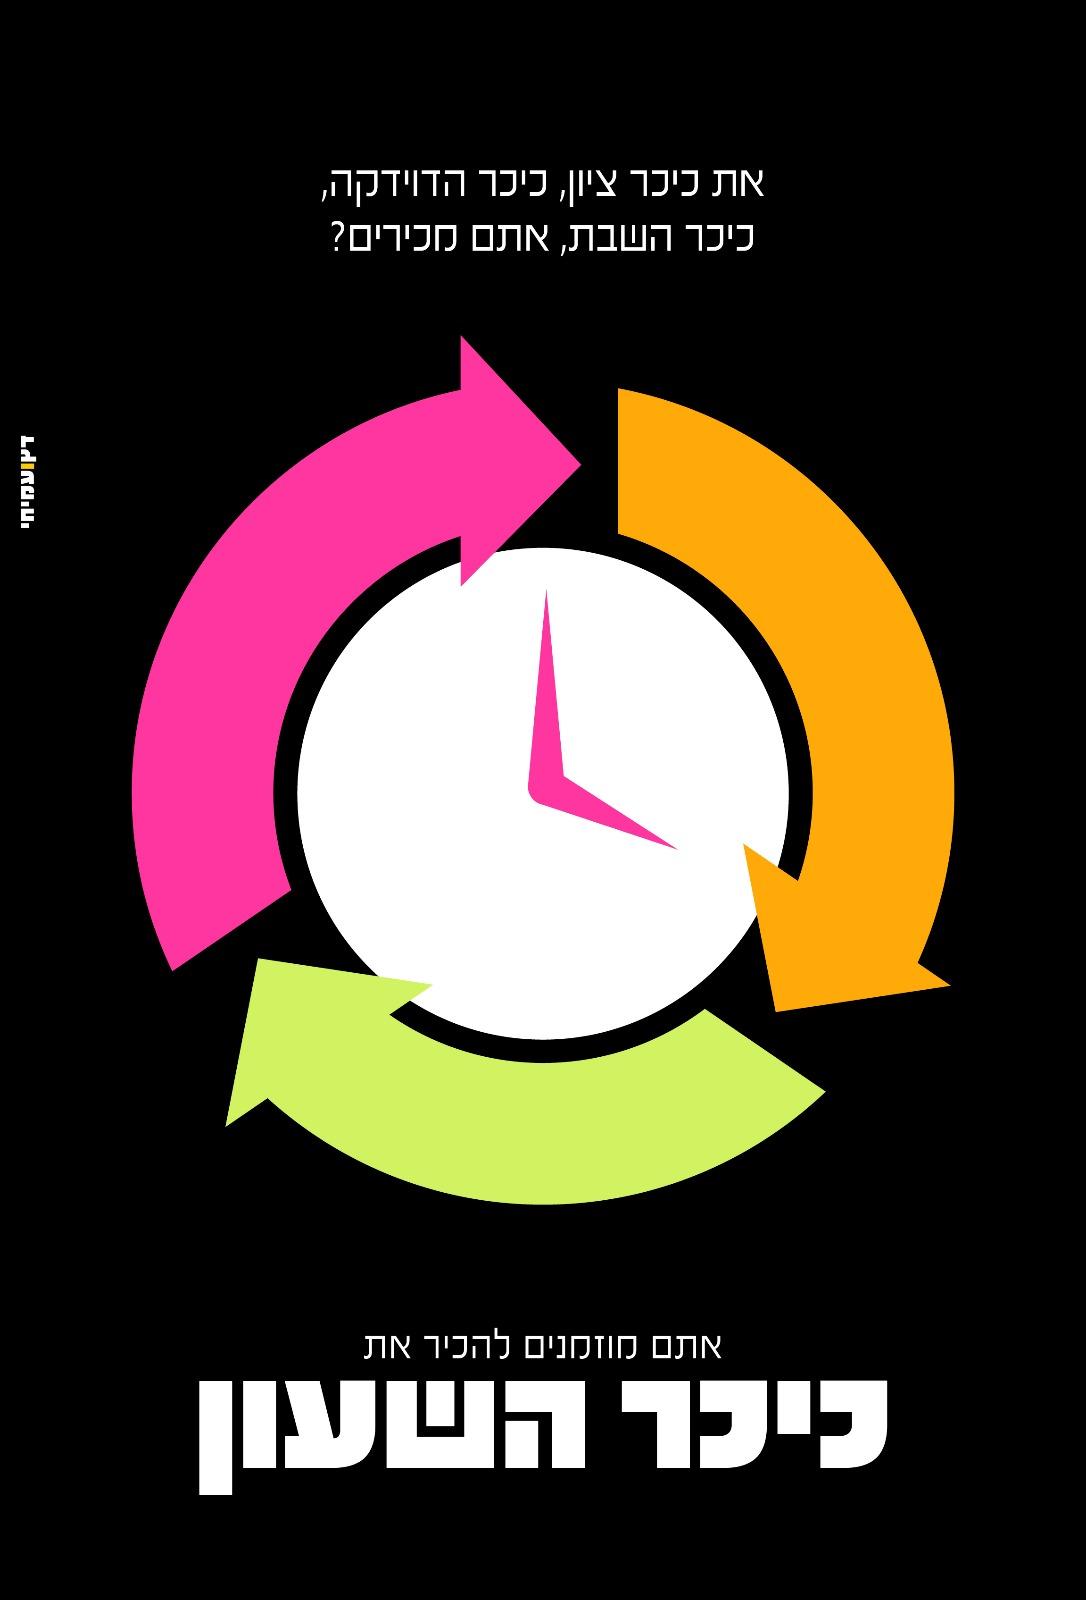 סיקור קמפיין מבית 'דץ ועמיחי': השקה לחנות השעונים היוקרתית 1